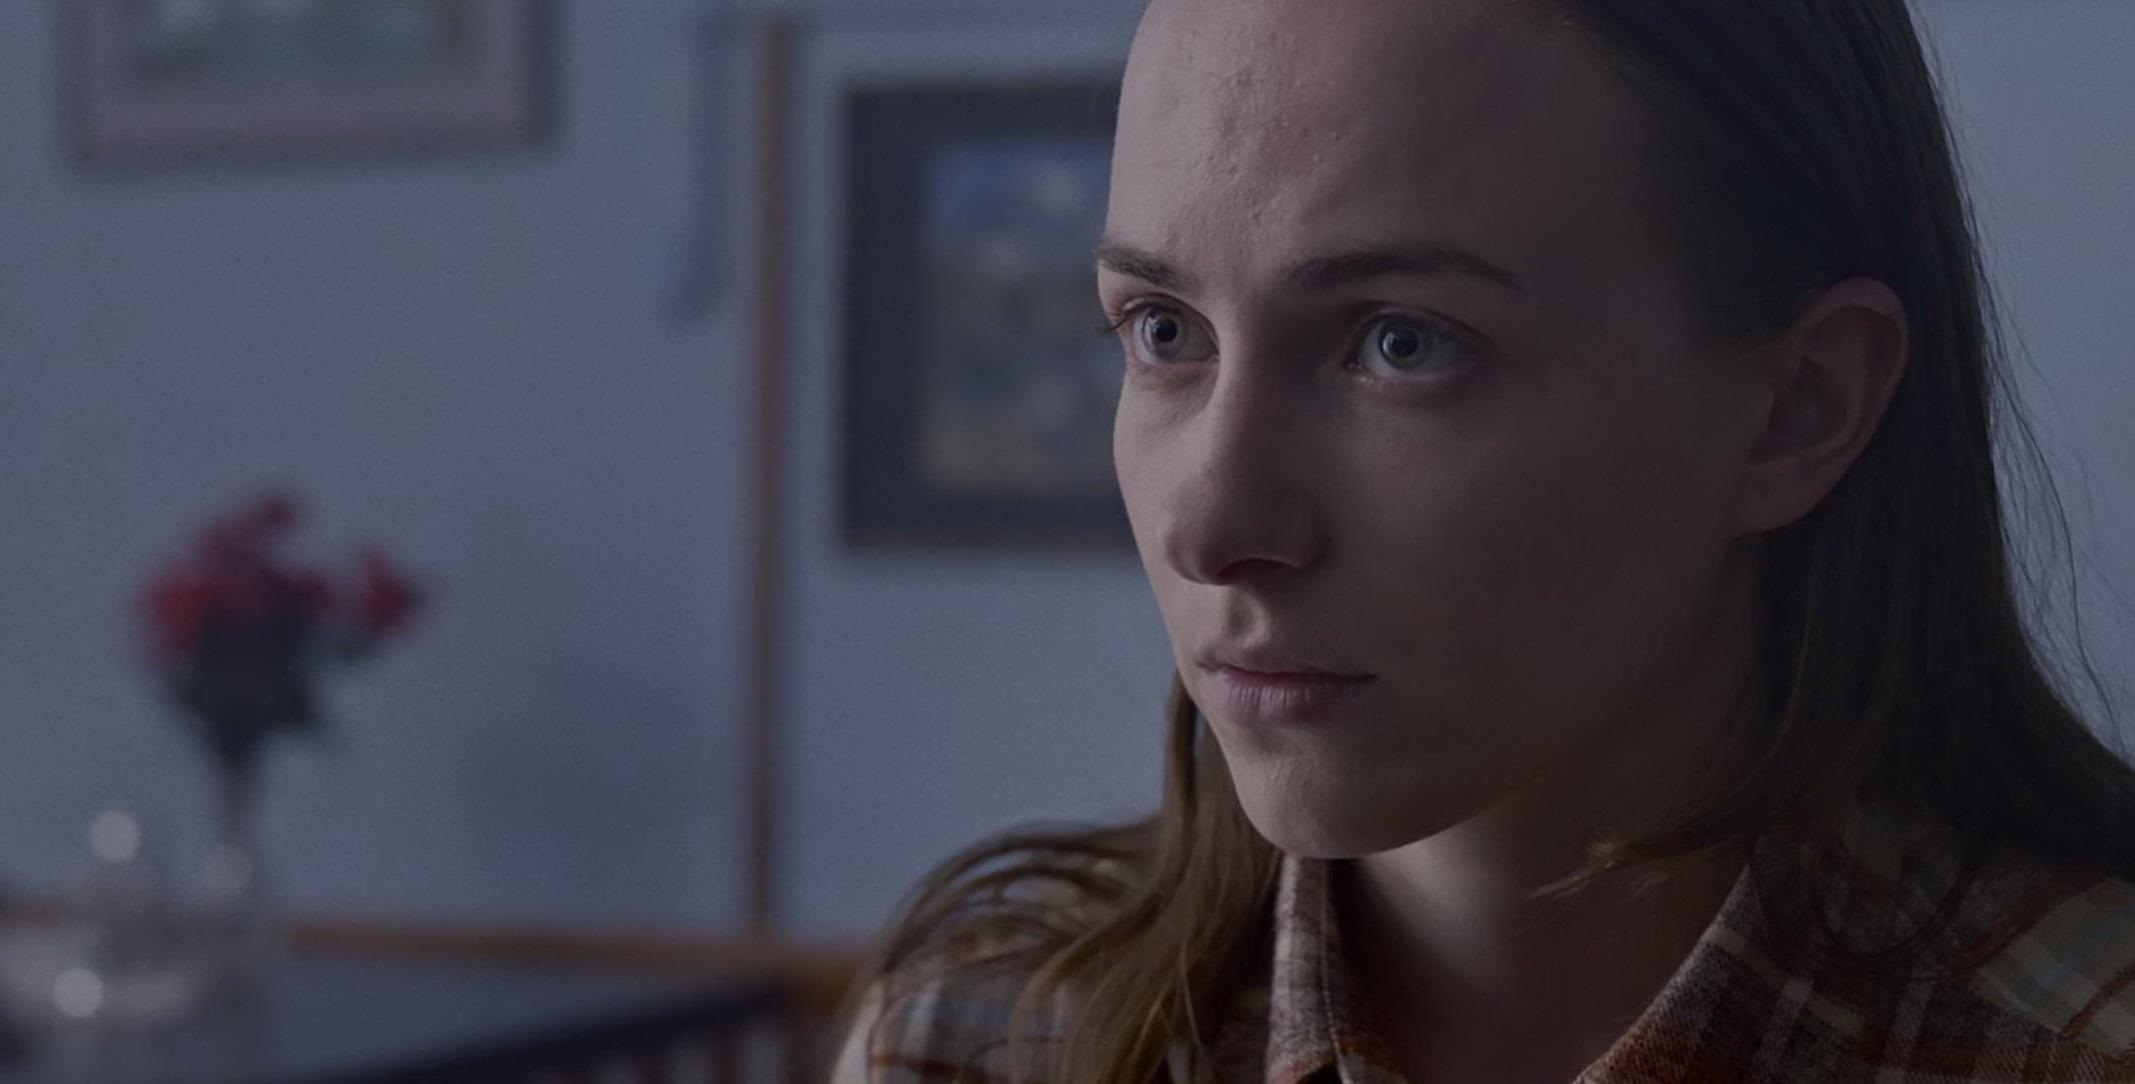 Krátky slovenský film, ktorý vybudoval slušné napätie